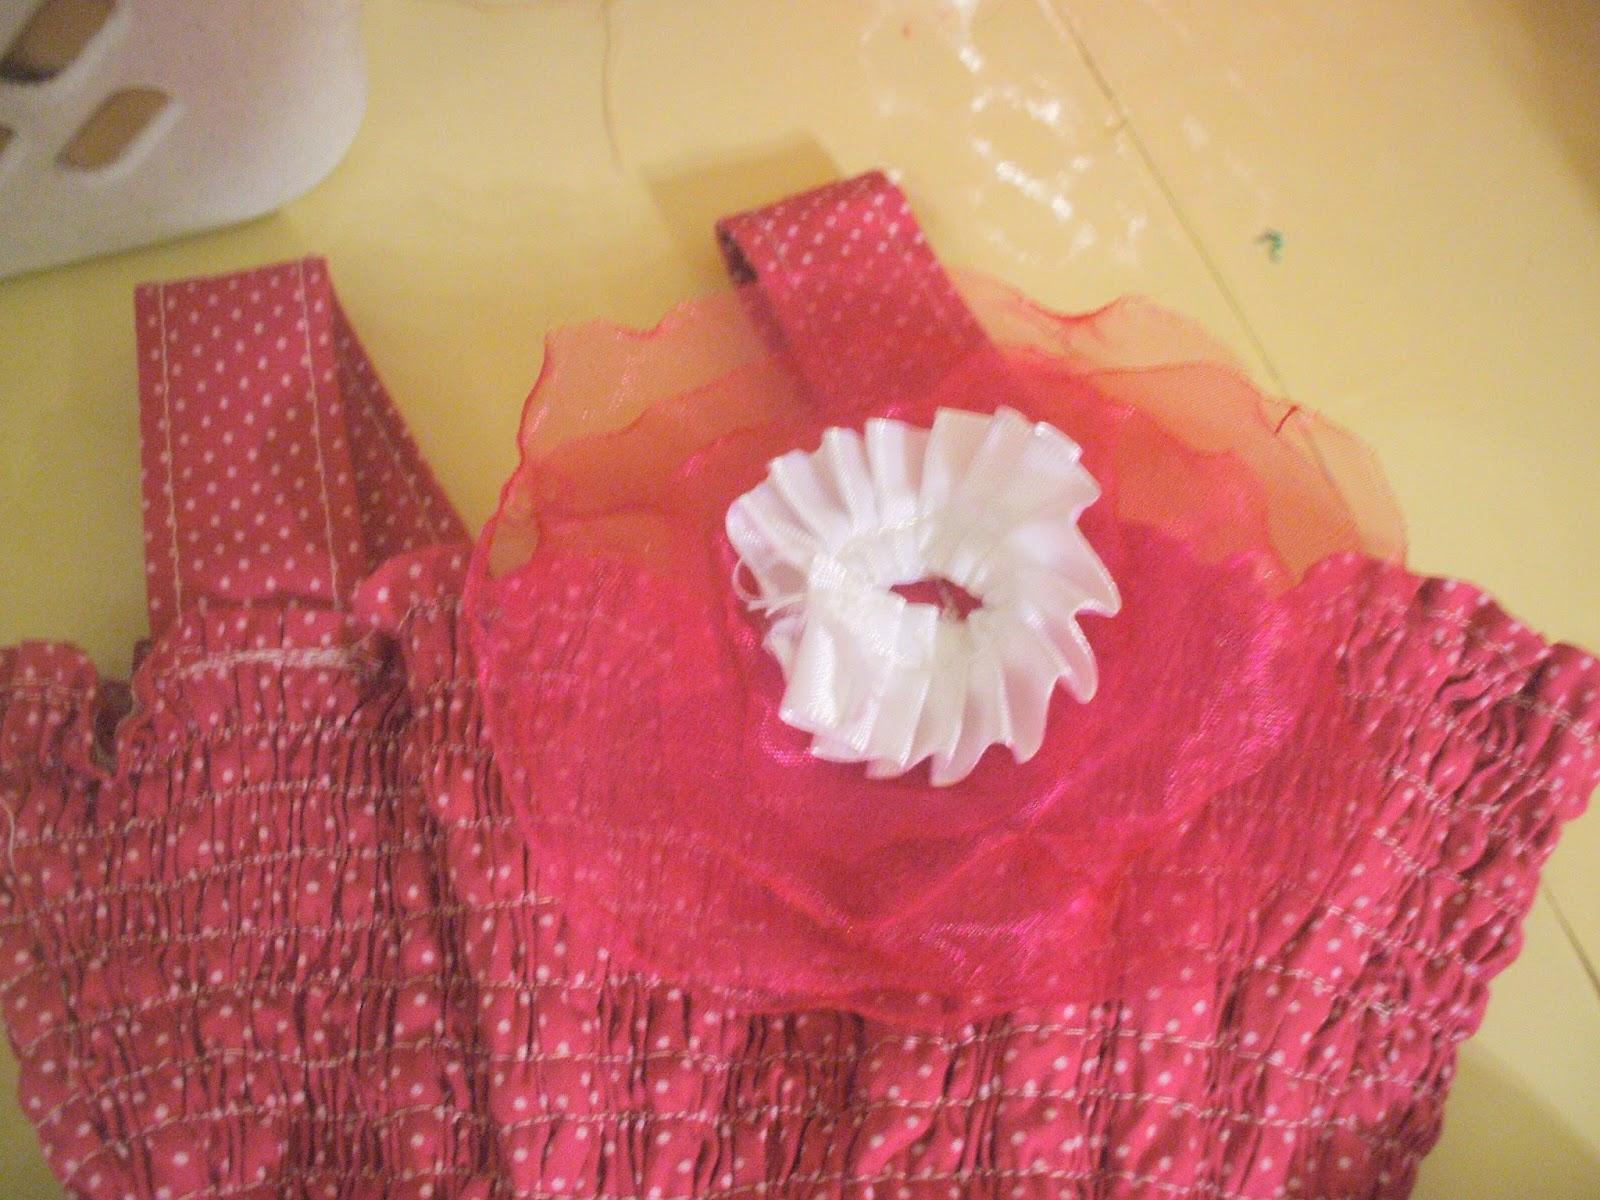 DSCF3242 - שמלה בשעה